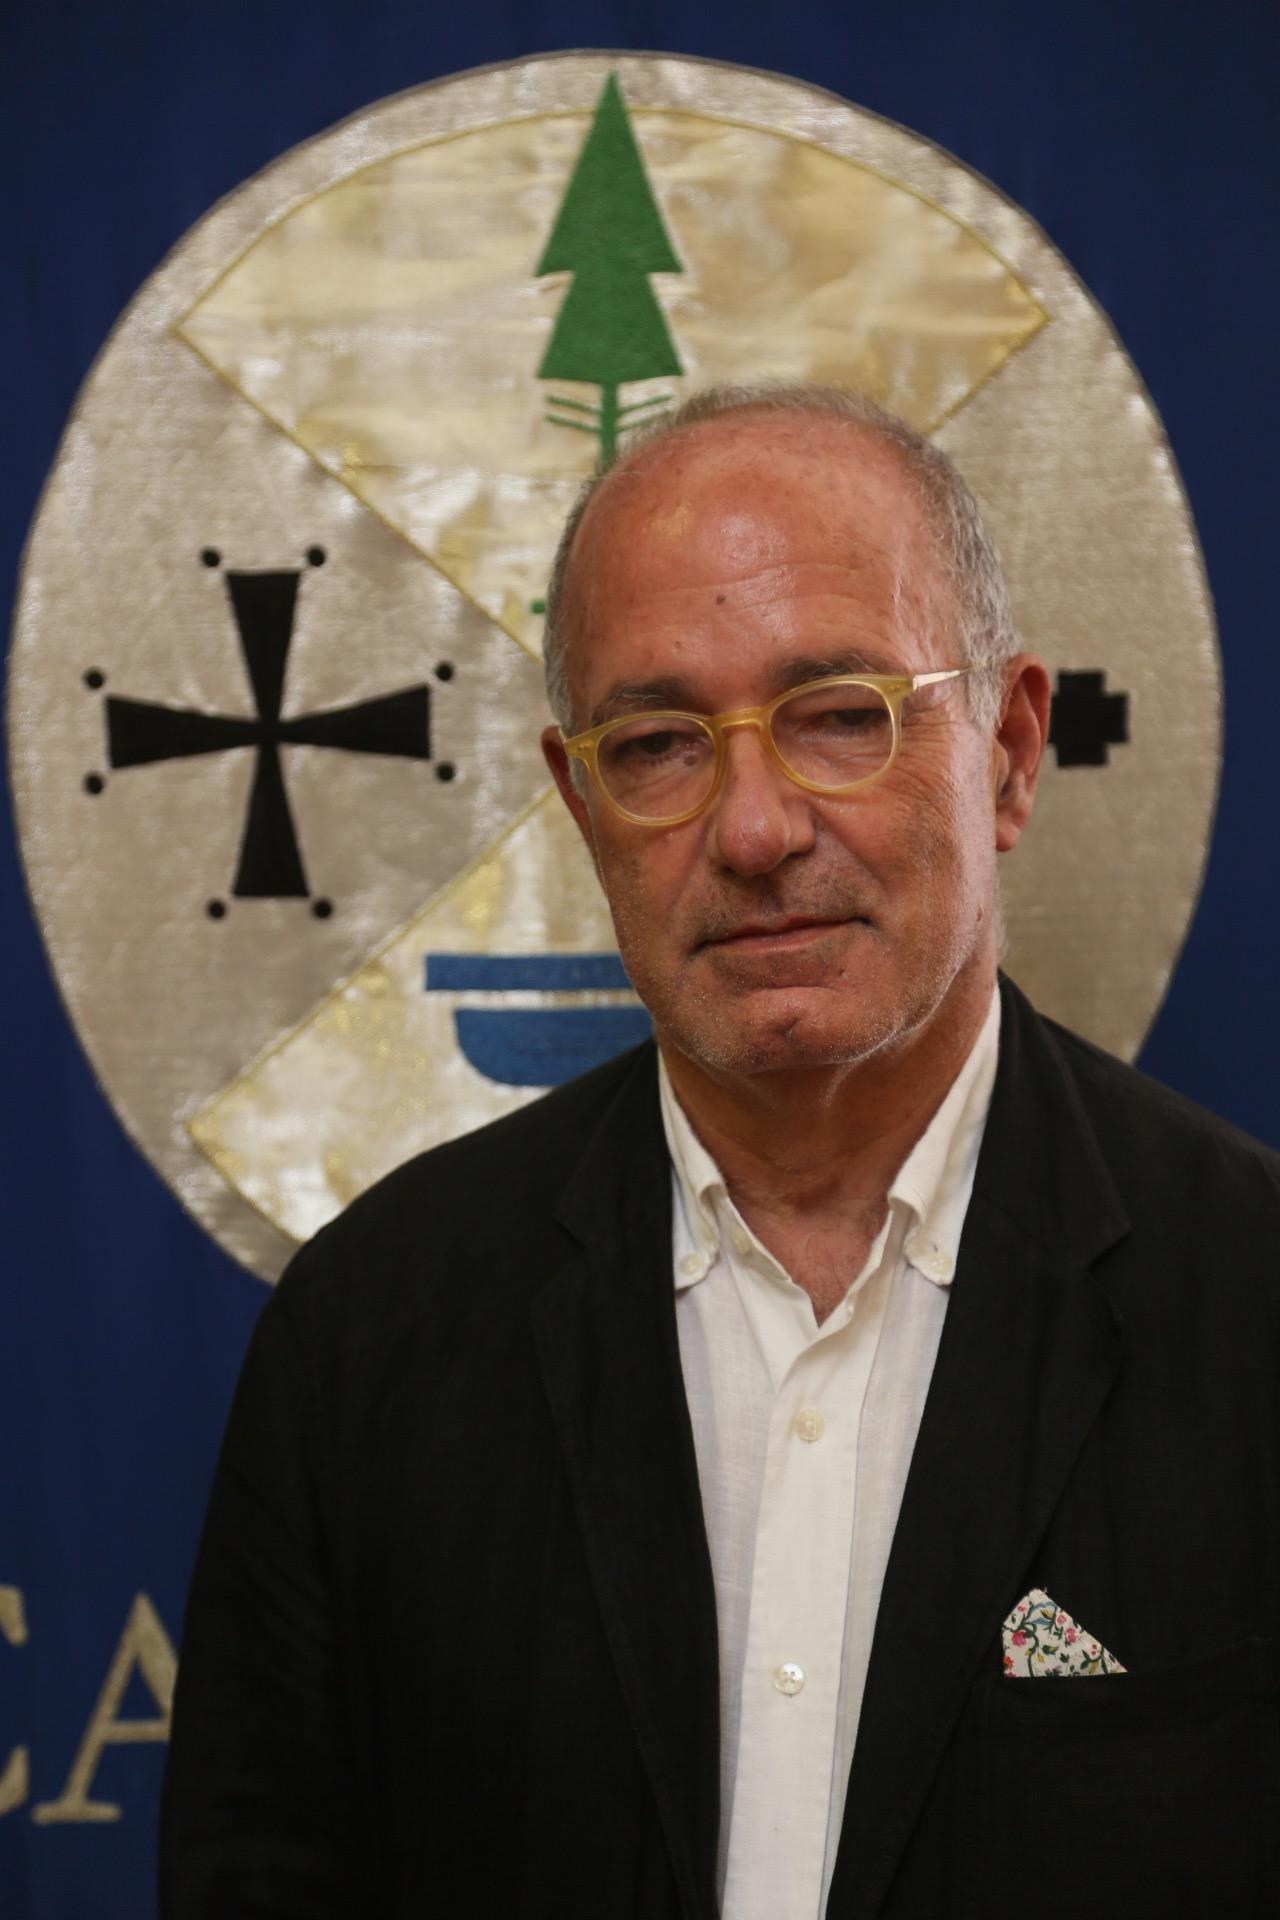 Franco Rossi - Assessore alla Pianificazione territoriale ed urbanistica. Crotone